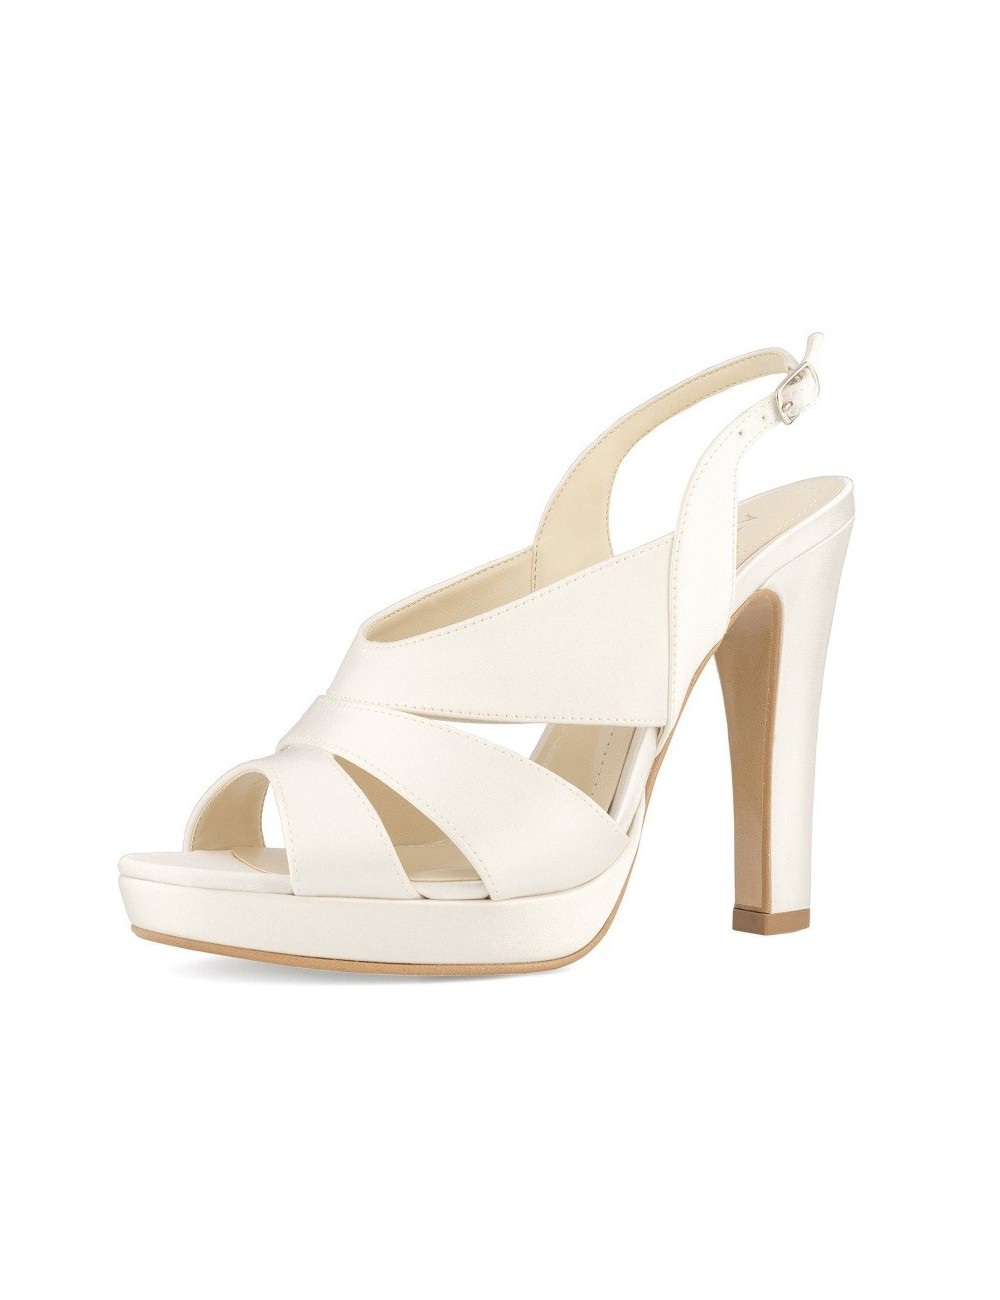 zapatos de novia con tacón ancho y alto y plataforma